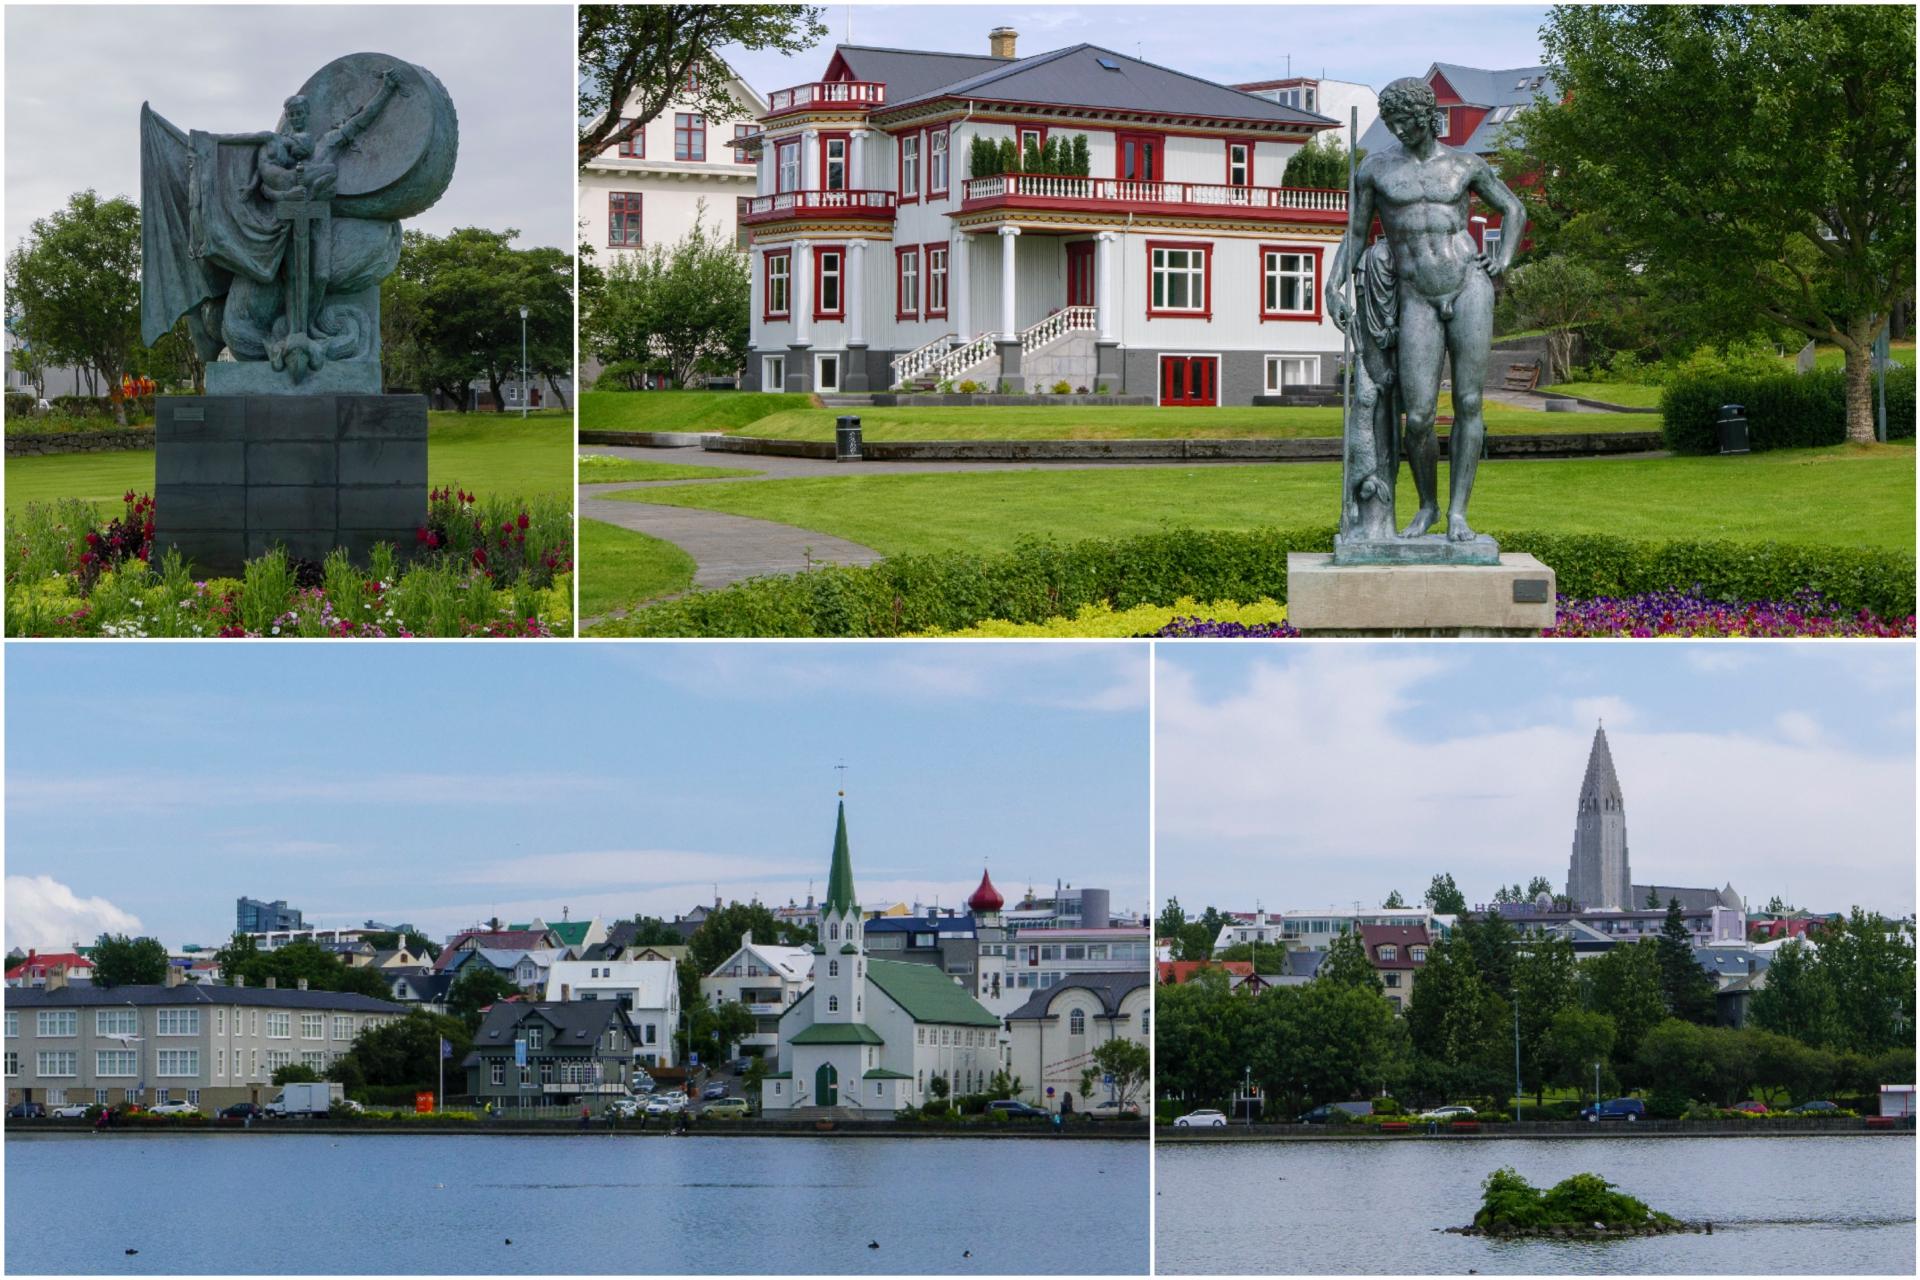 Reykjavik Hljómskálagarður